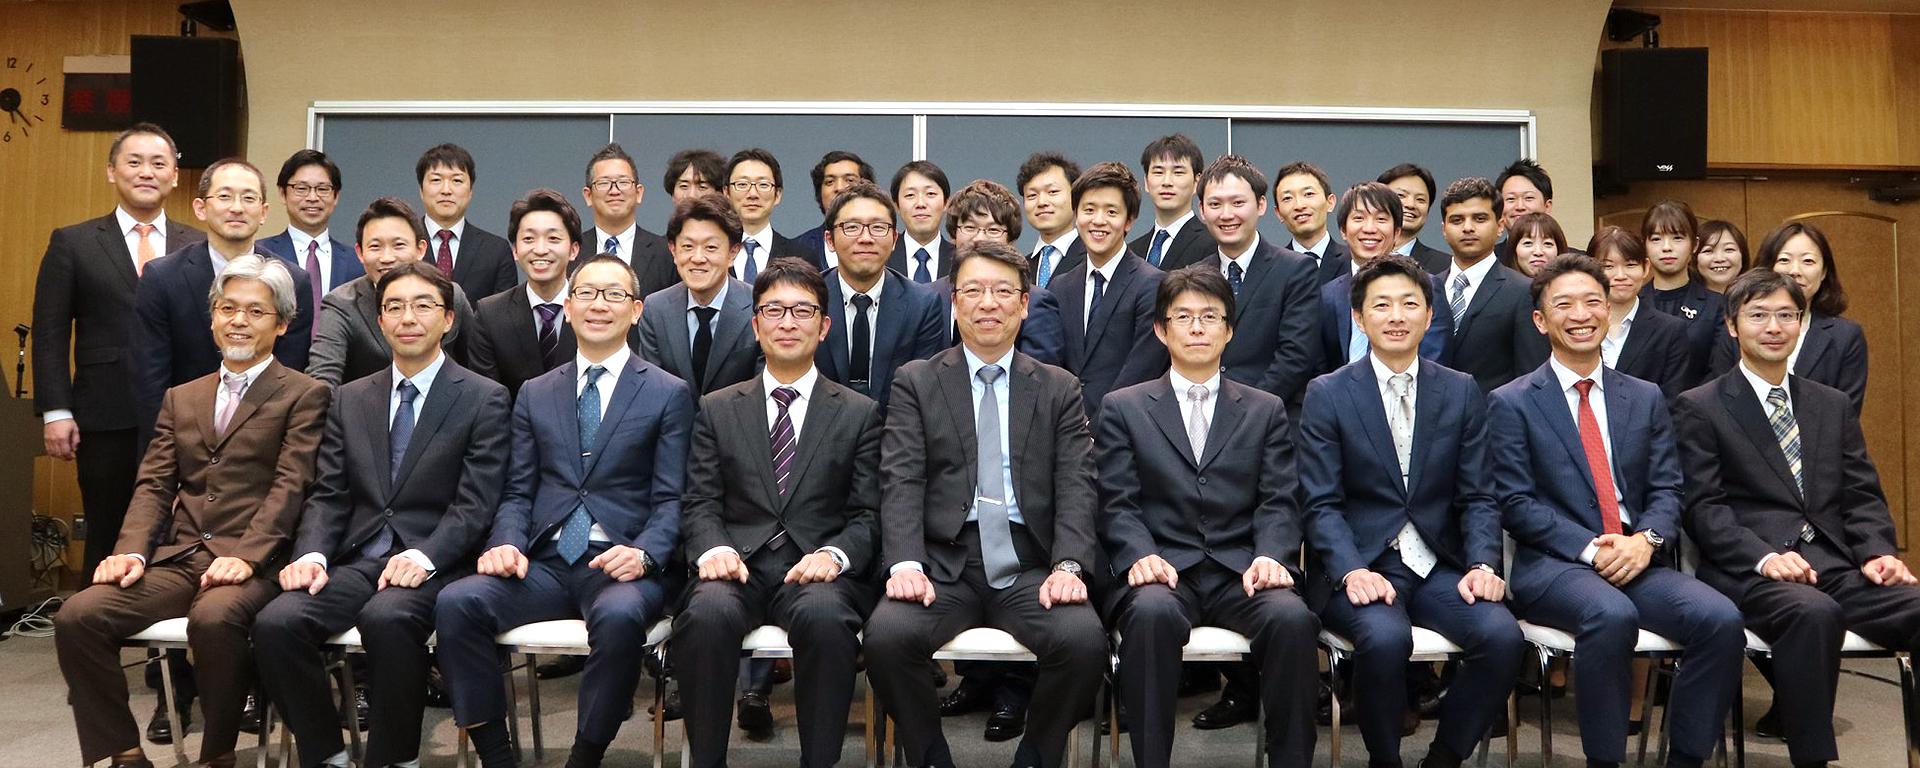 公立大学法人福島県立医科大学 消化管外科学講座